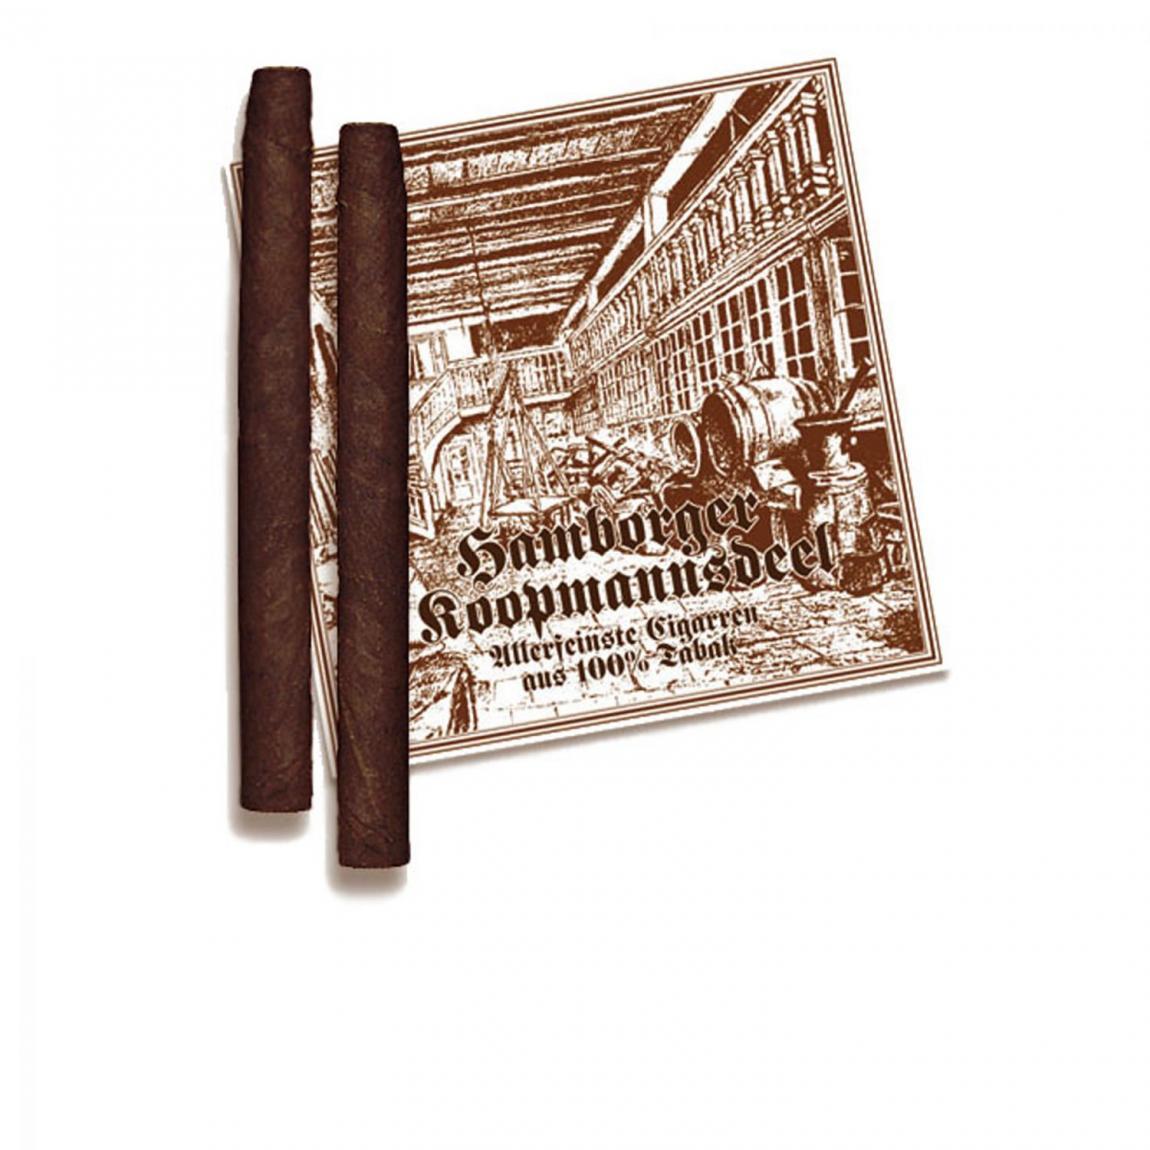 Hamborger Koopmannsdeel Brasil No. 1 Cigarillo 30er Kiste